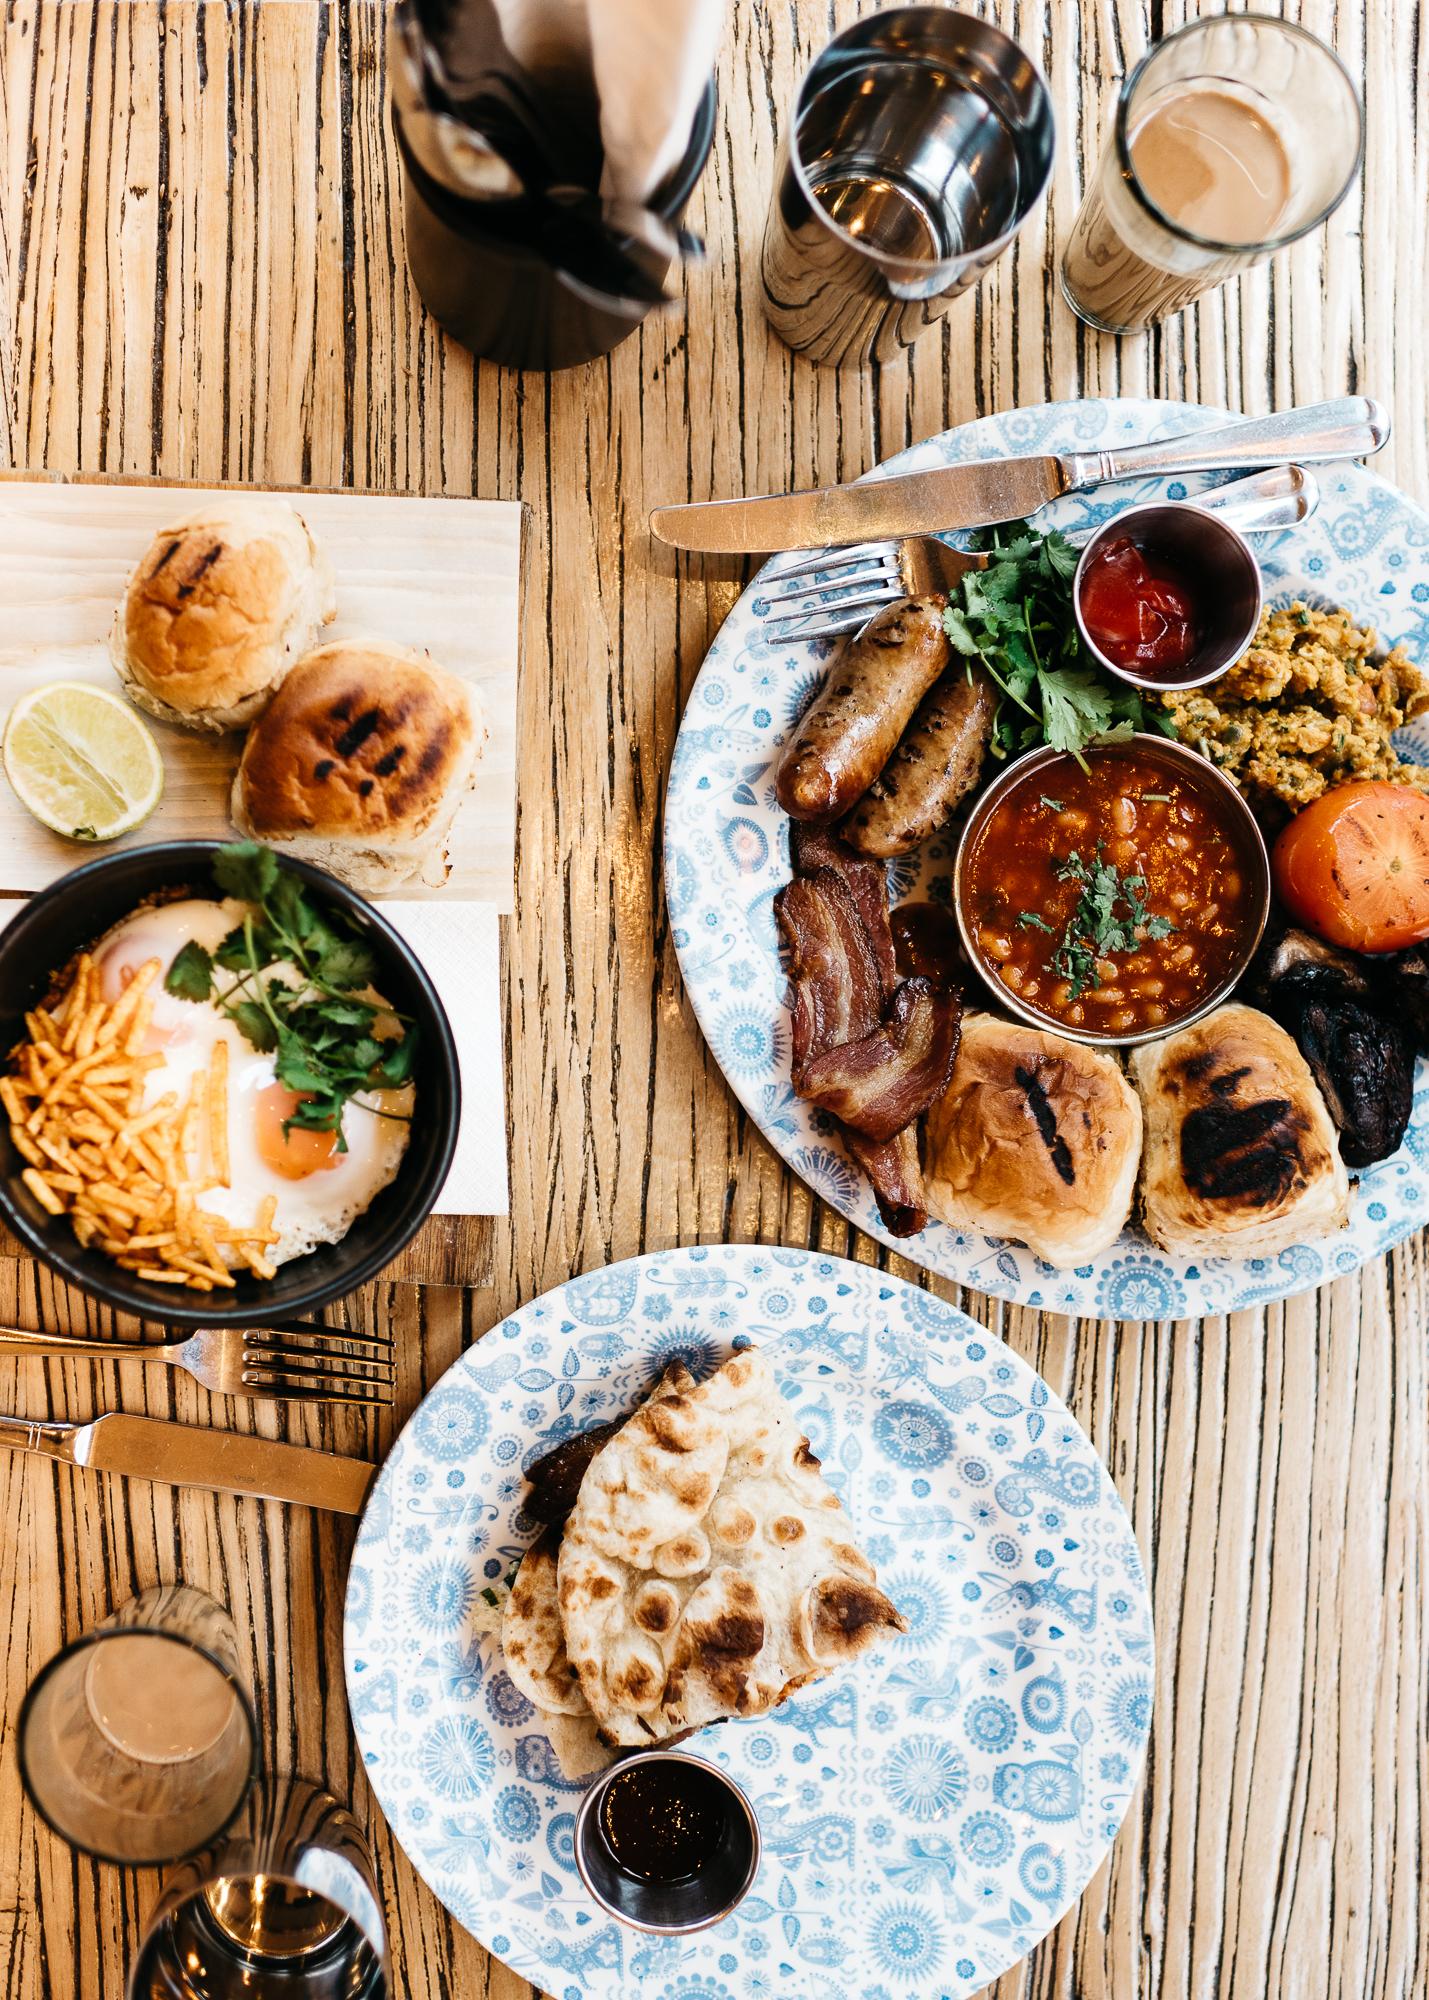 Breakfast at Dishoom: Keema per Eedu, The Big Bombay, Bacon Naan Roll